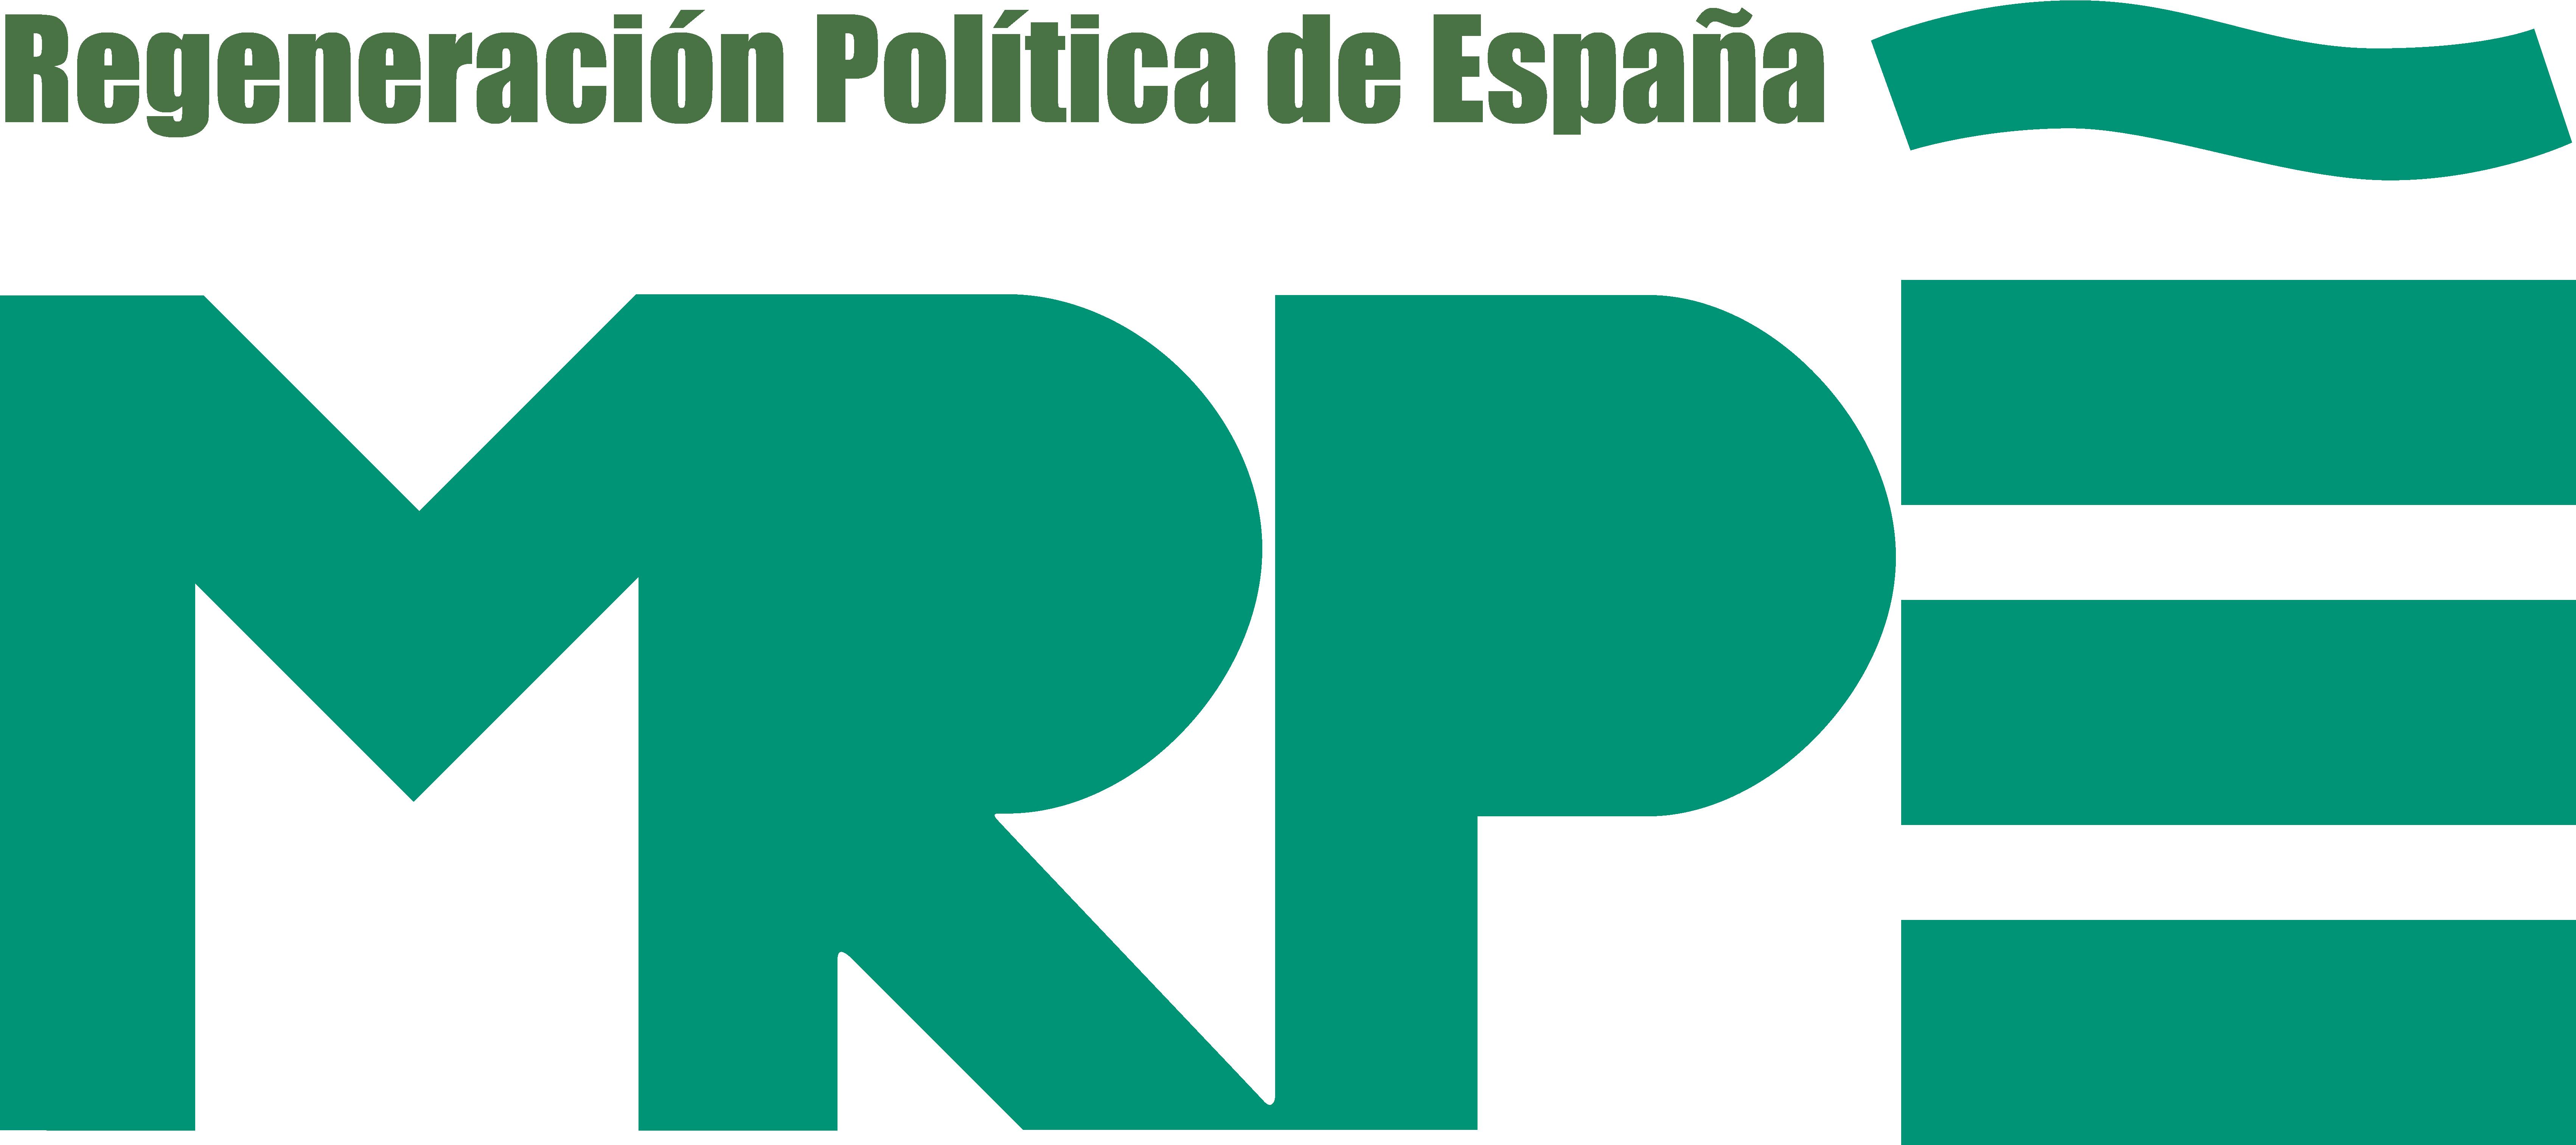 MOVIMIENTO DE REGENERACIÓN POLÍTICA DE ESPAÑA